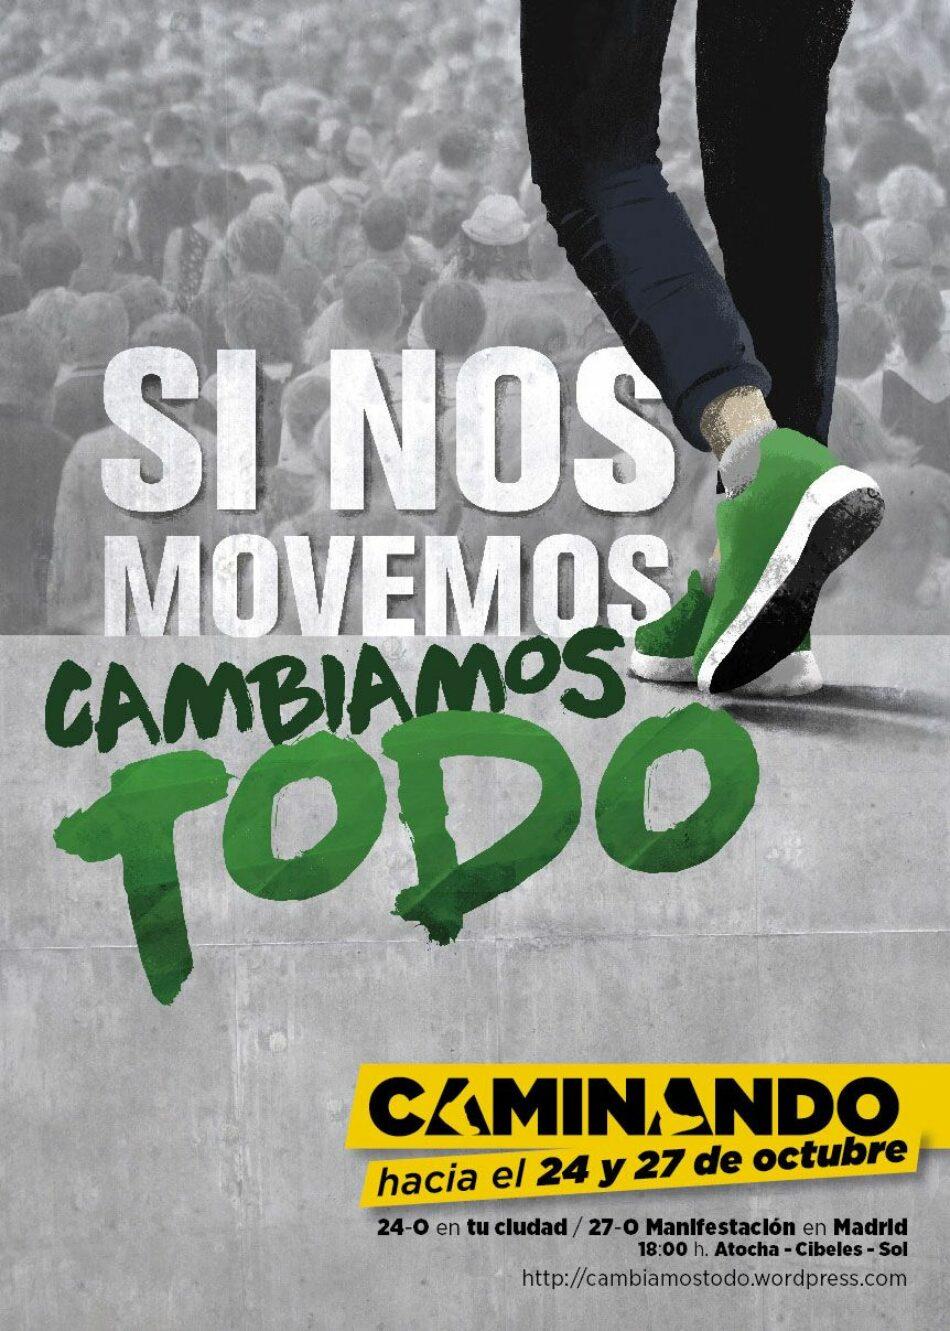 'Caminando hacia el 24 y 27-O' convoca acciones para el 24 de octubre en todo el Estado y manifestación el 27 en Madrid